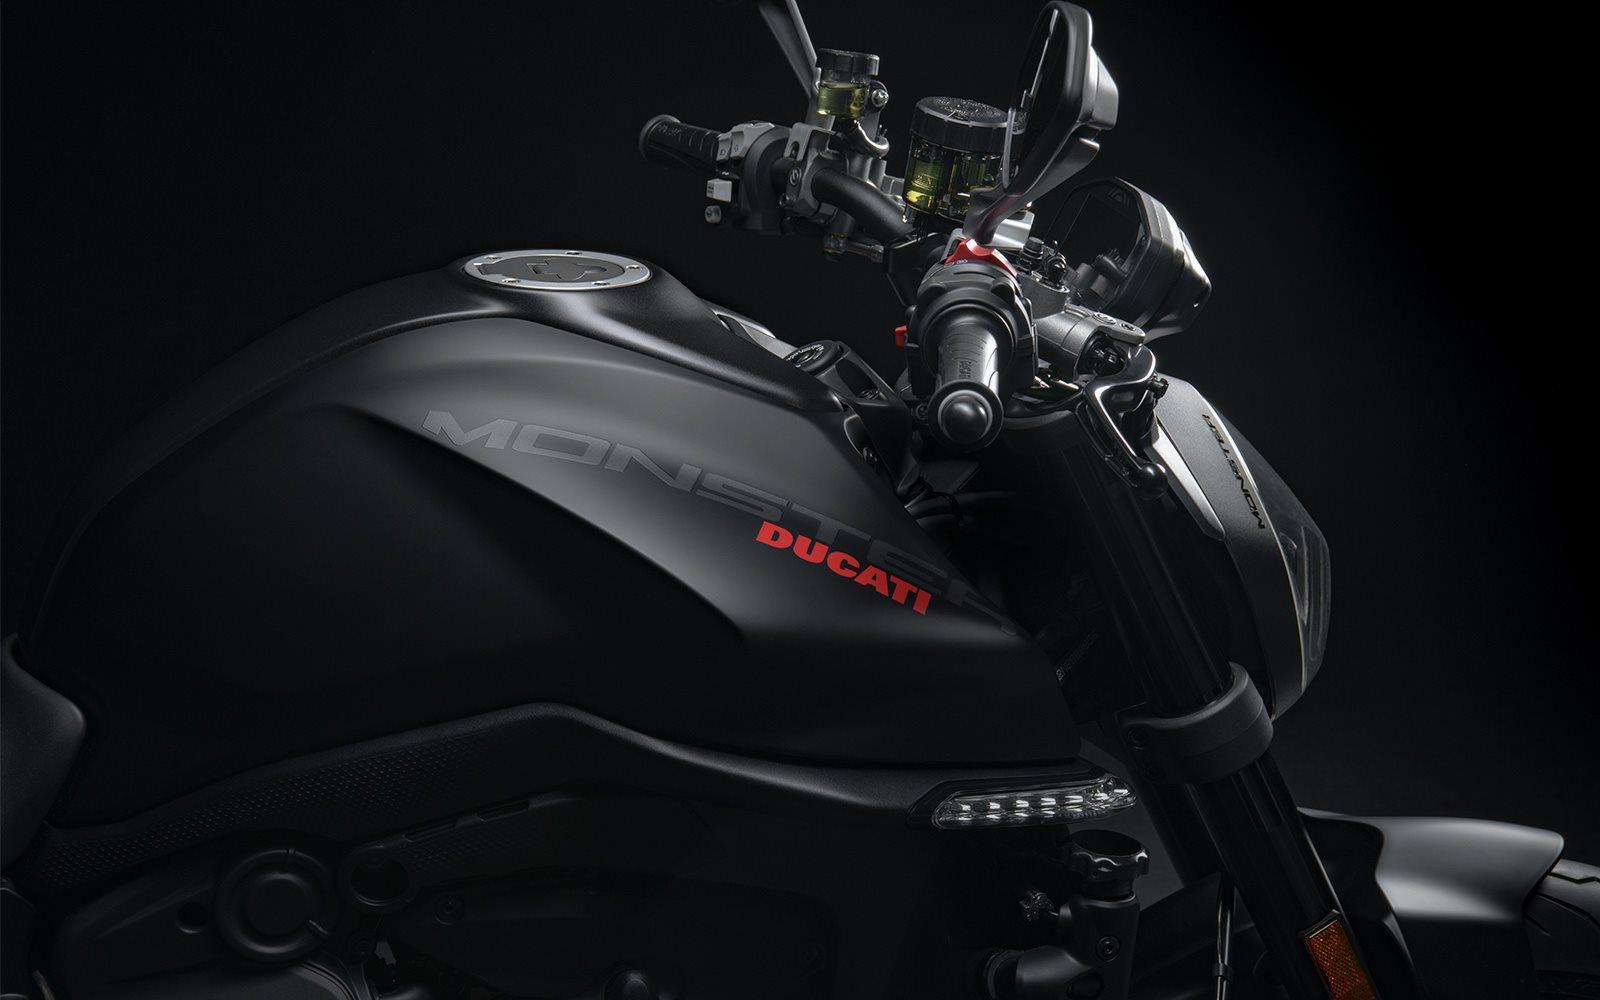 Toda la esencia Ducati en la forma más ligera, compacta y esencial posible. Todo lo que necesitas para divertirte, todos los días.